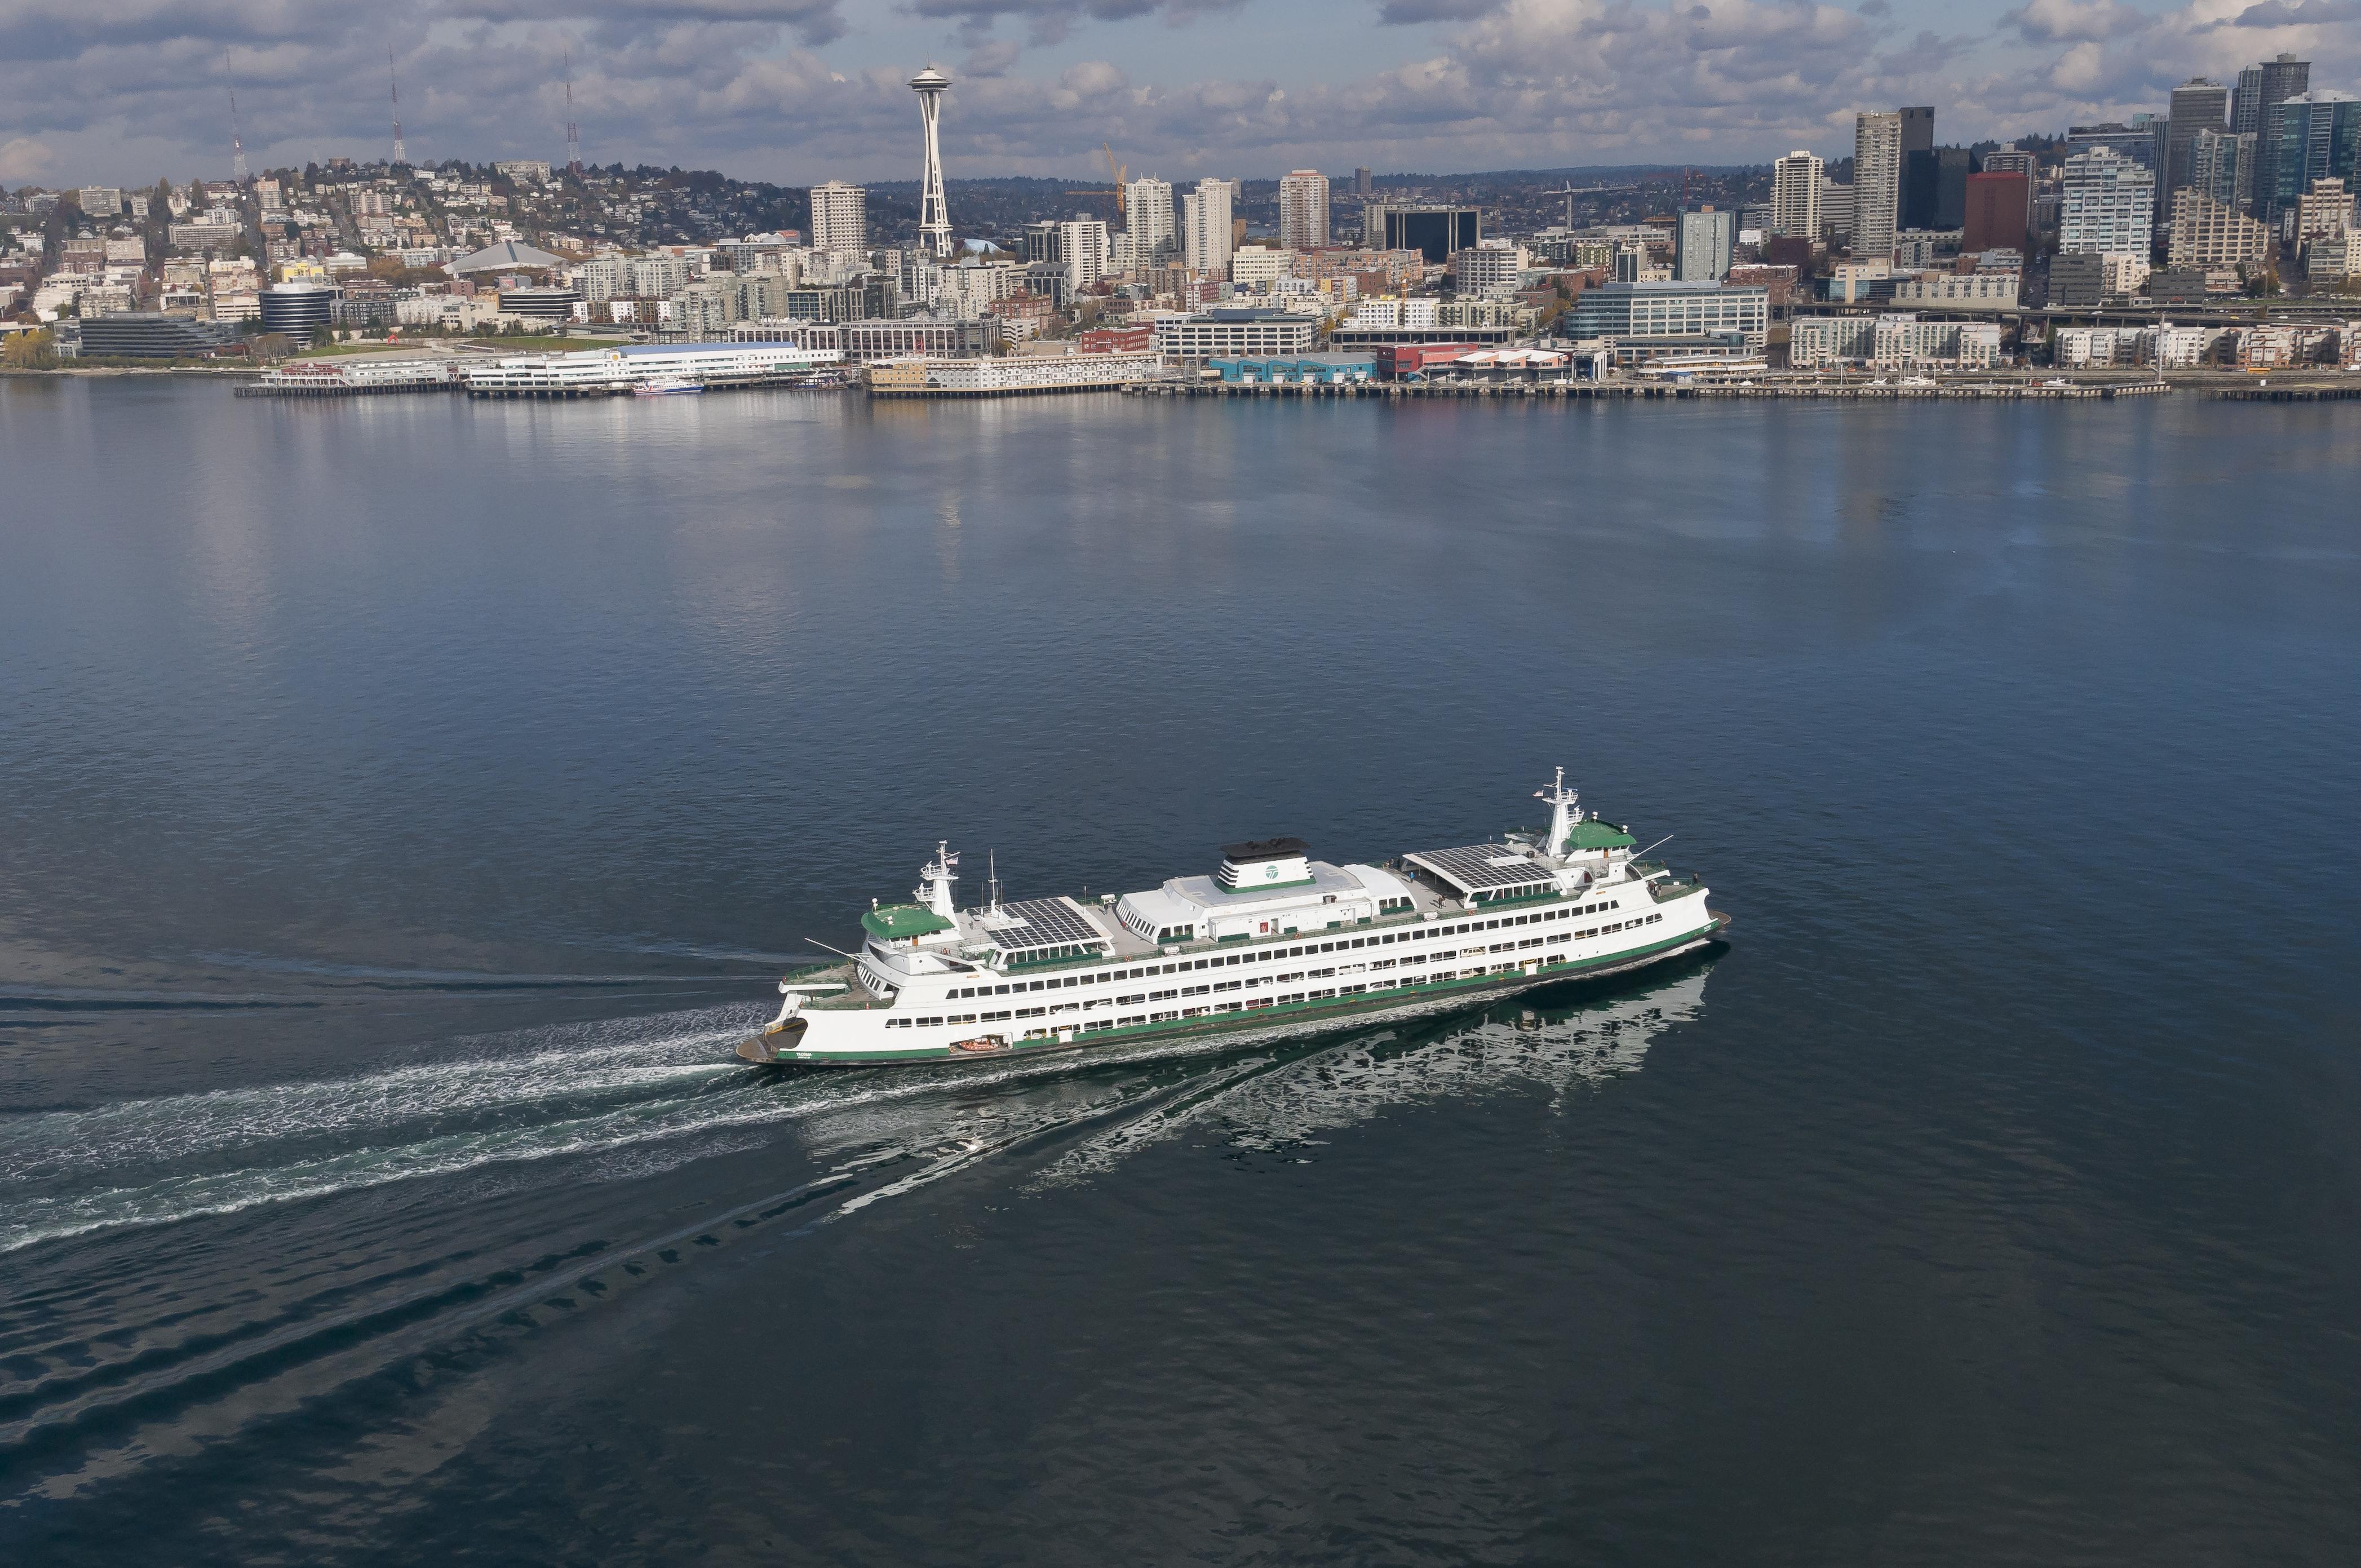 M.V. Tacoma